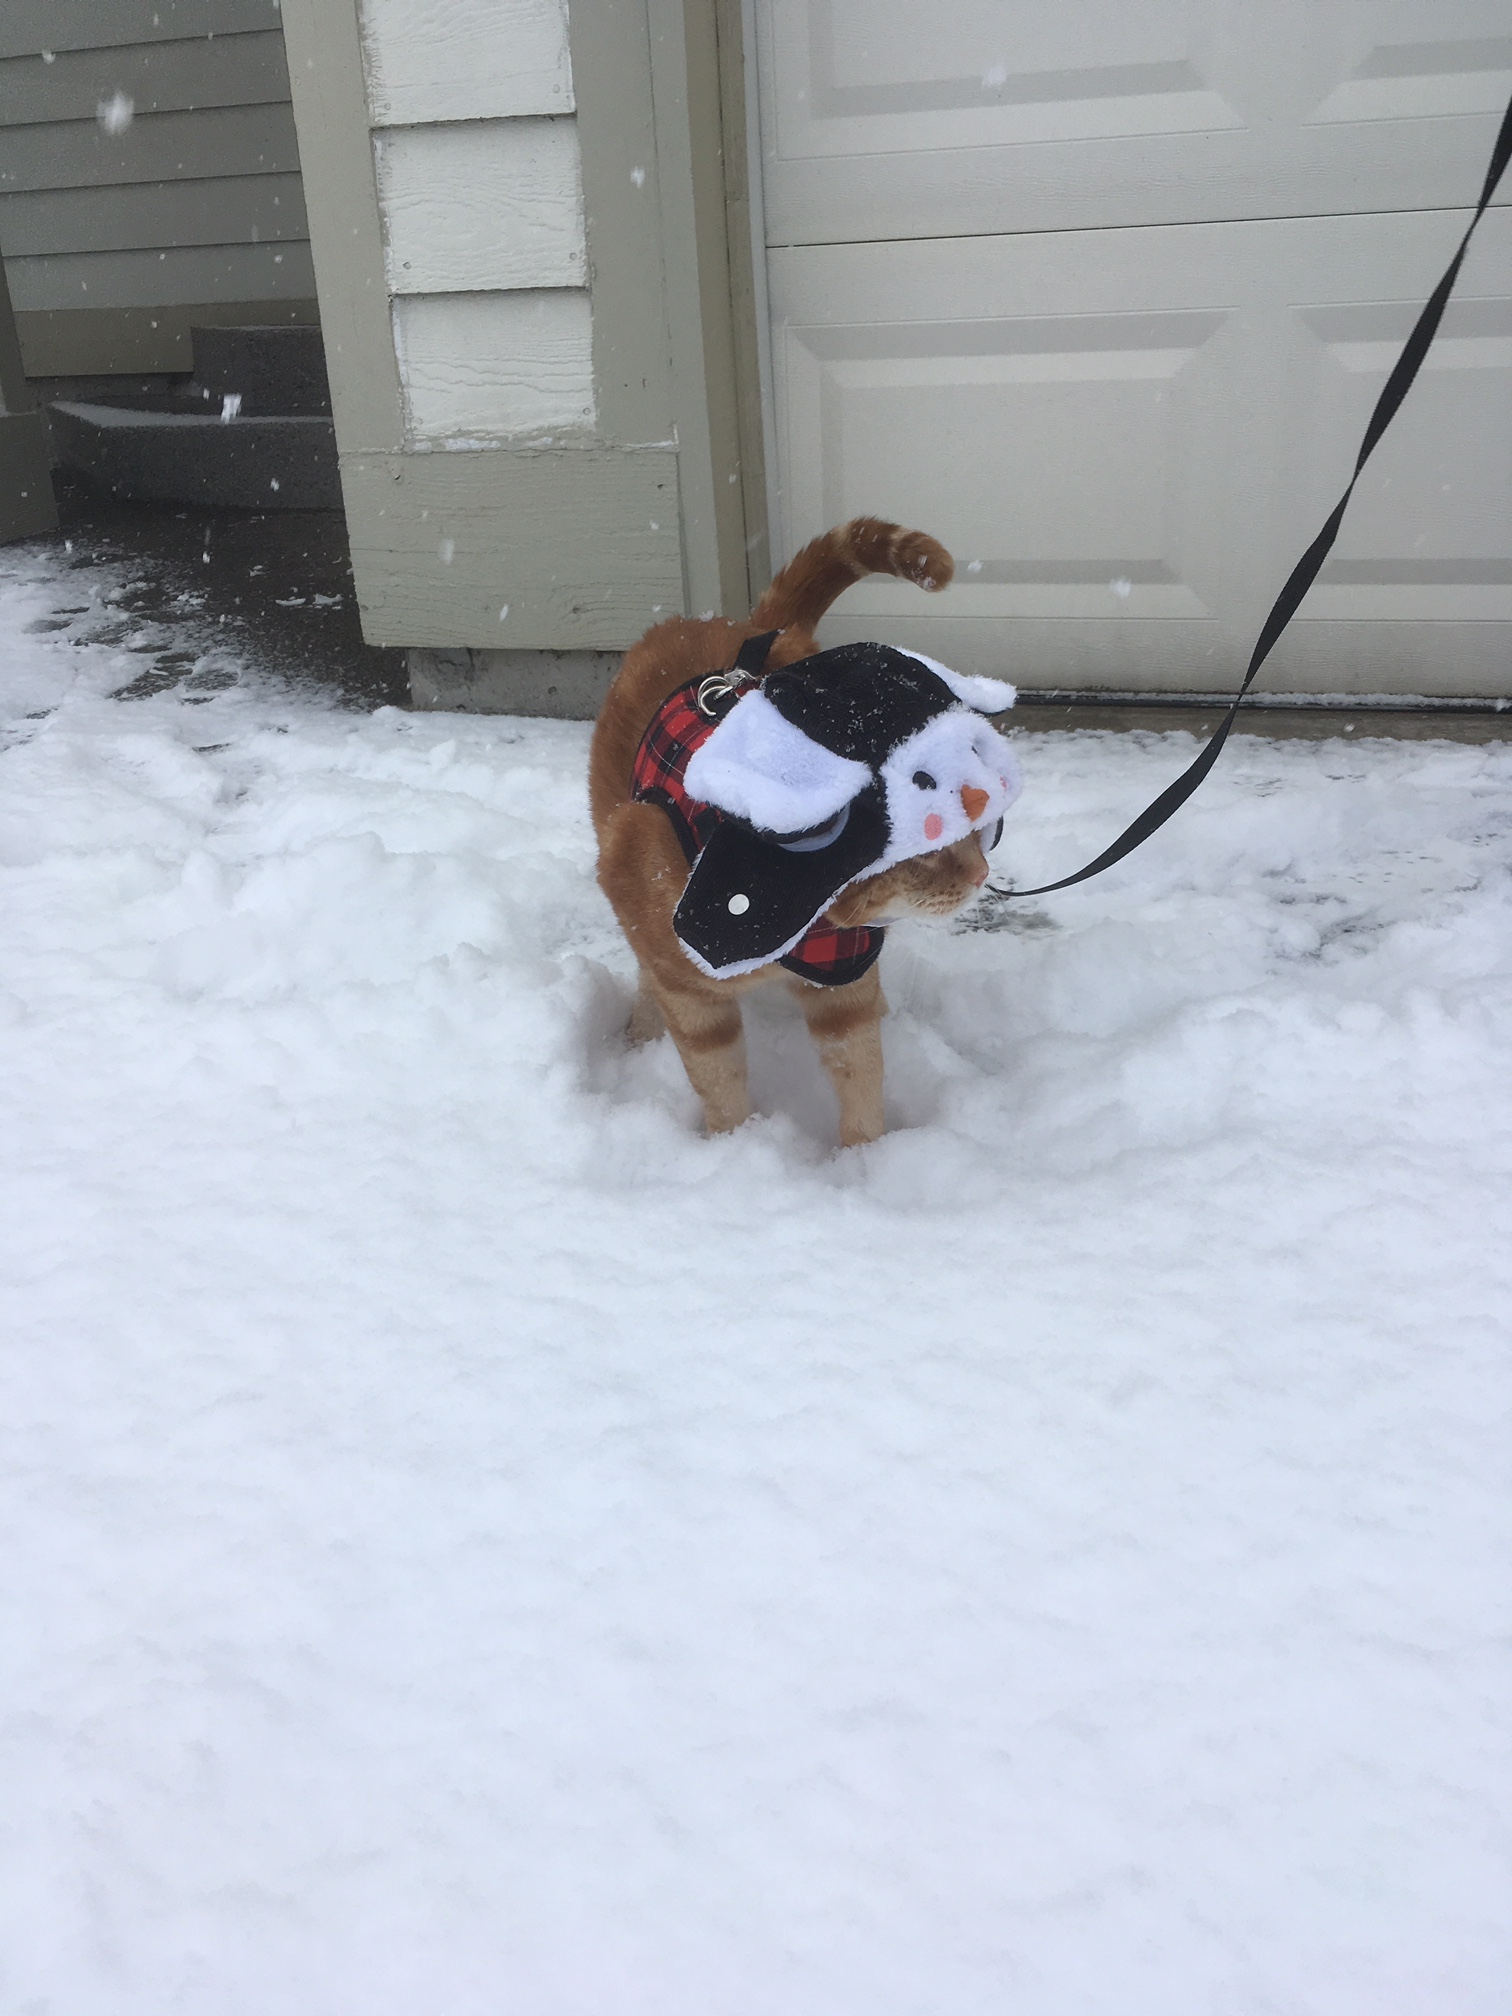 Scooby snow